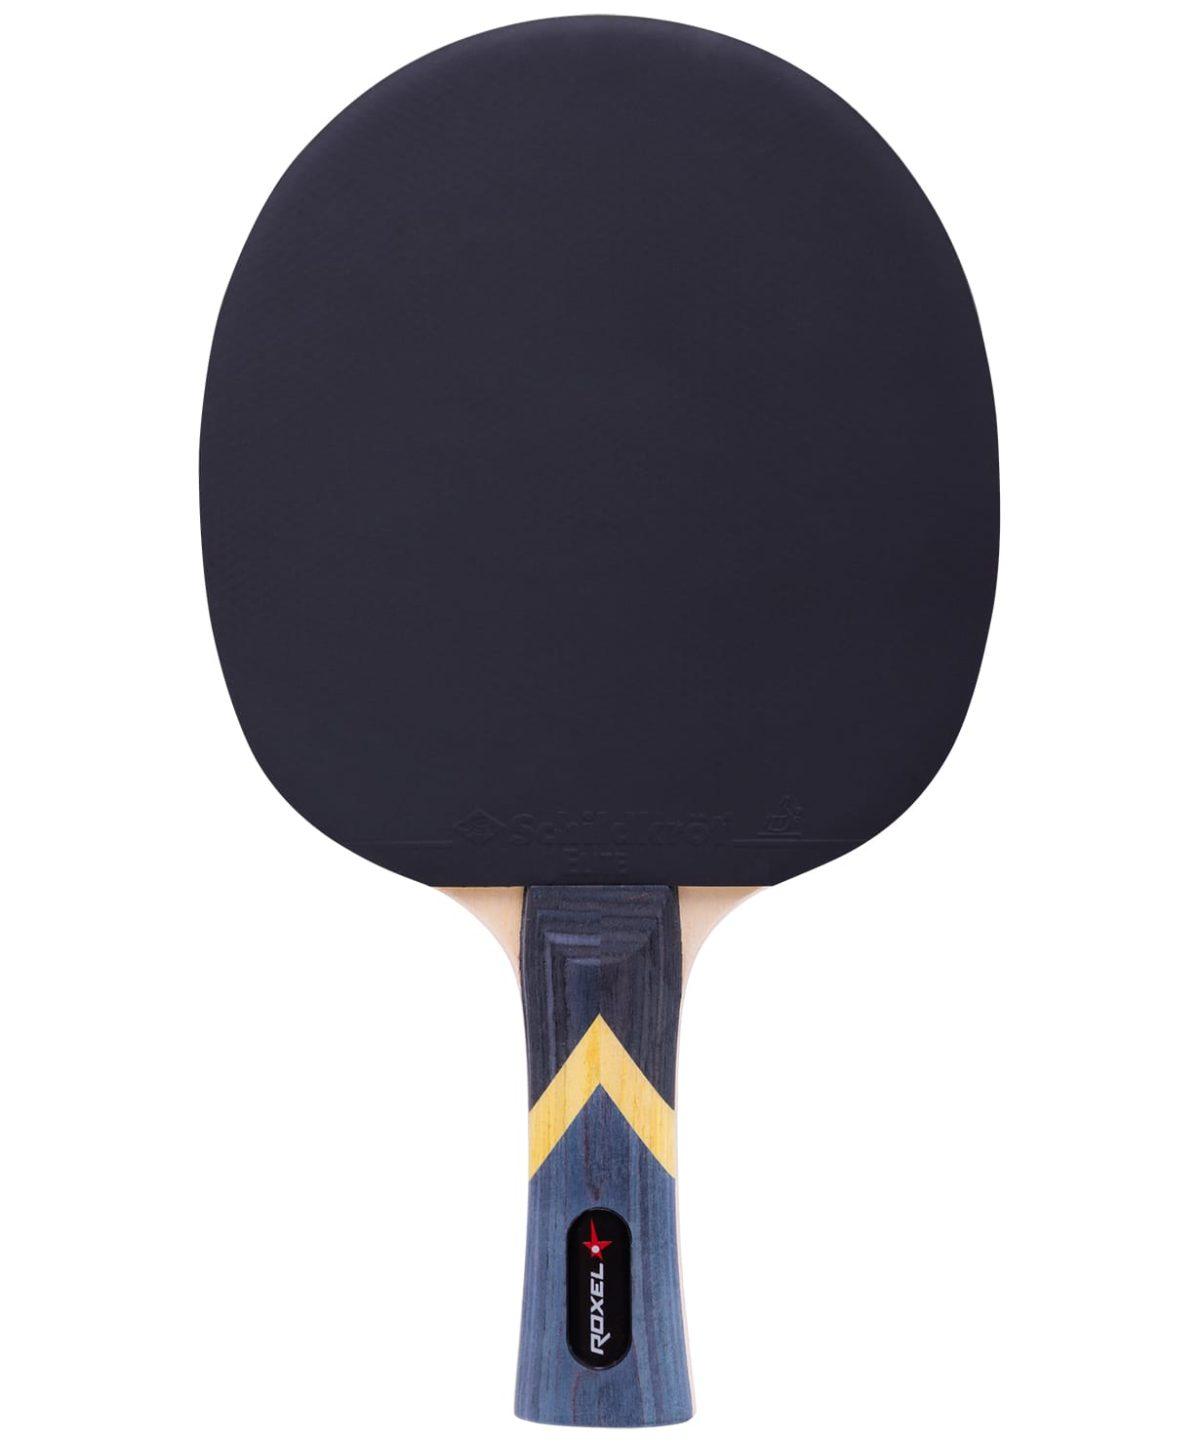 ROXEL 2* Blaze  Ракетка для настольного тенниса, коническая  15356 - 2